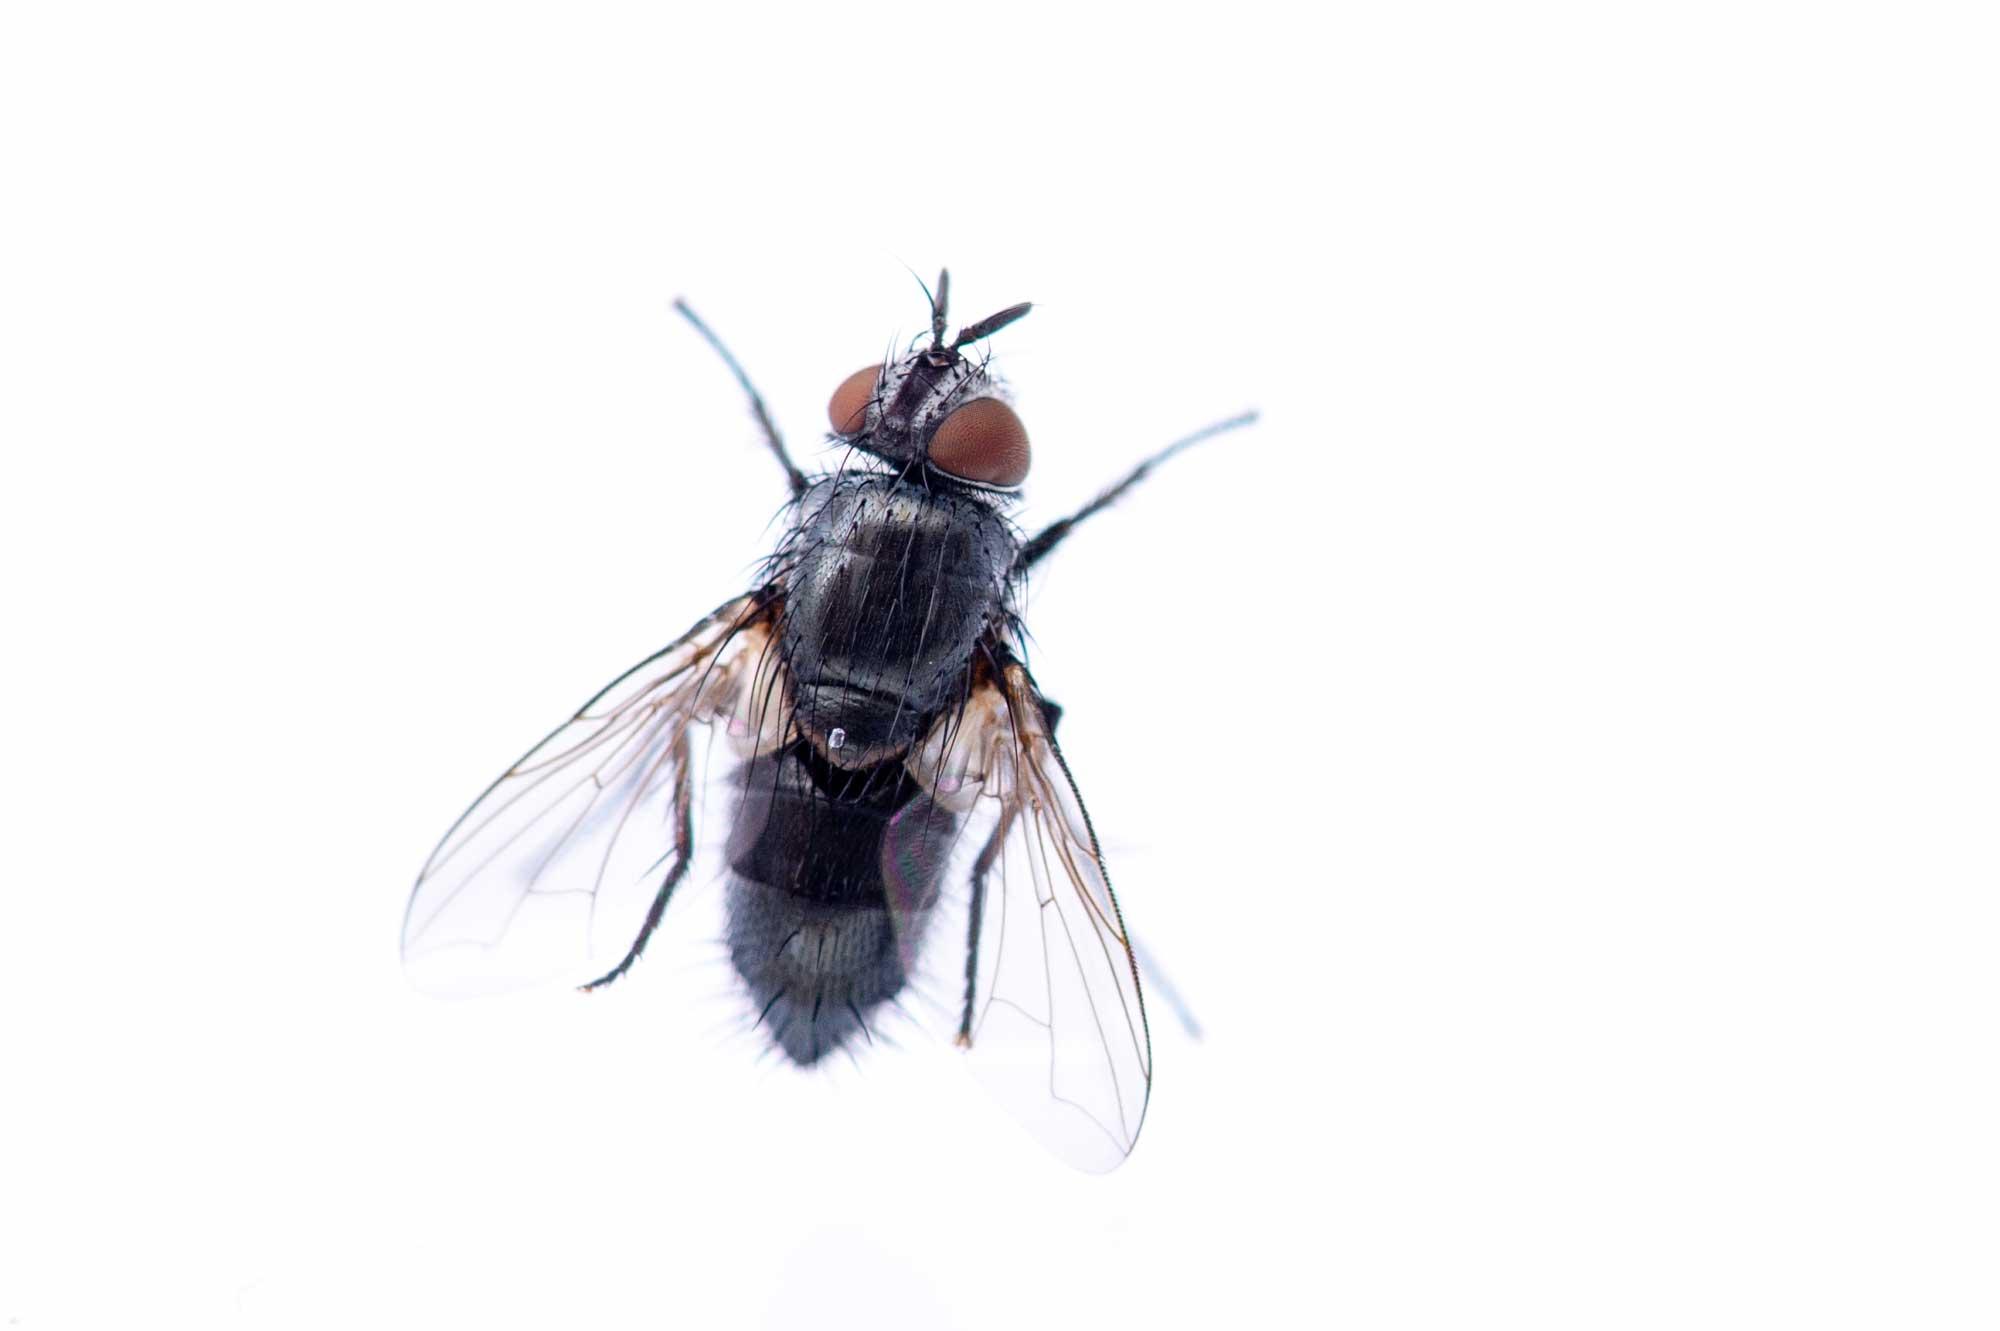 寄生ハエの写真